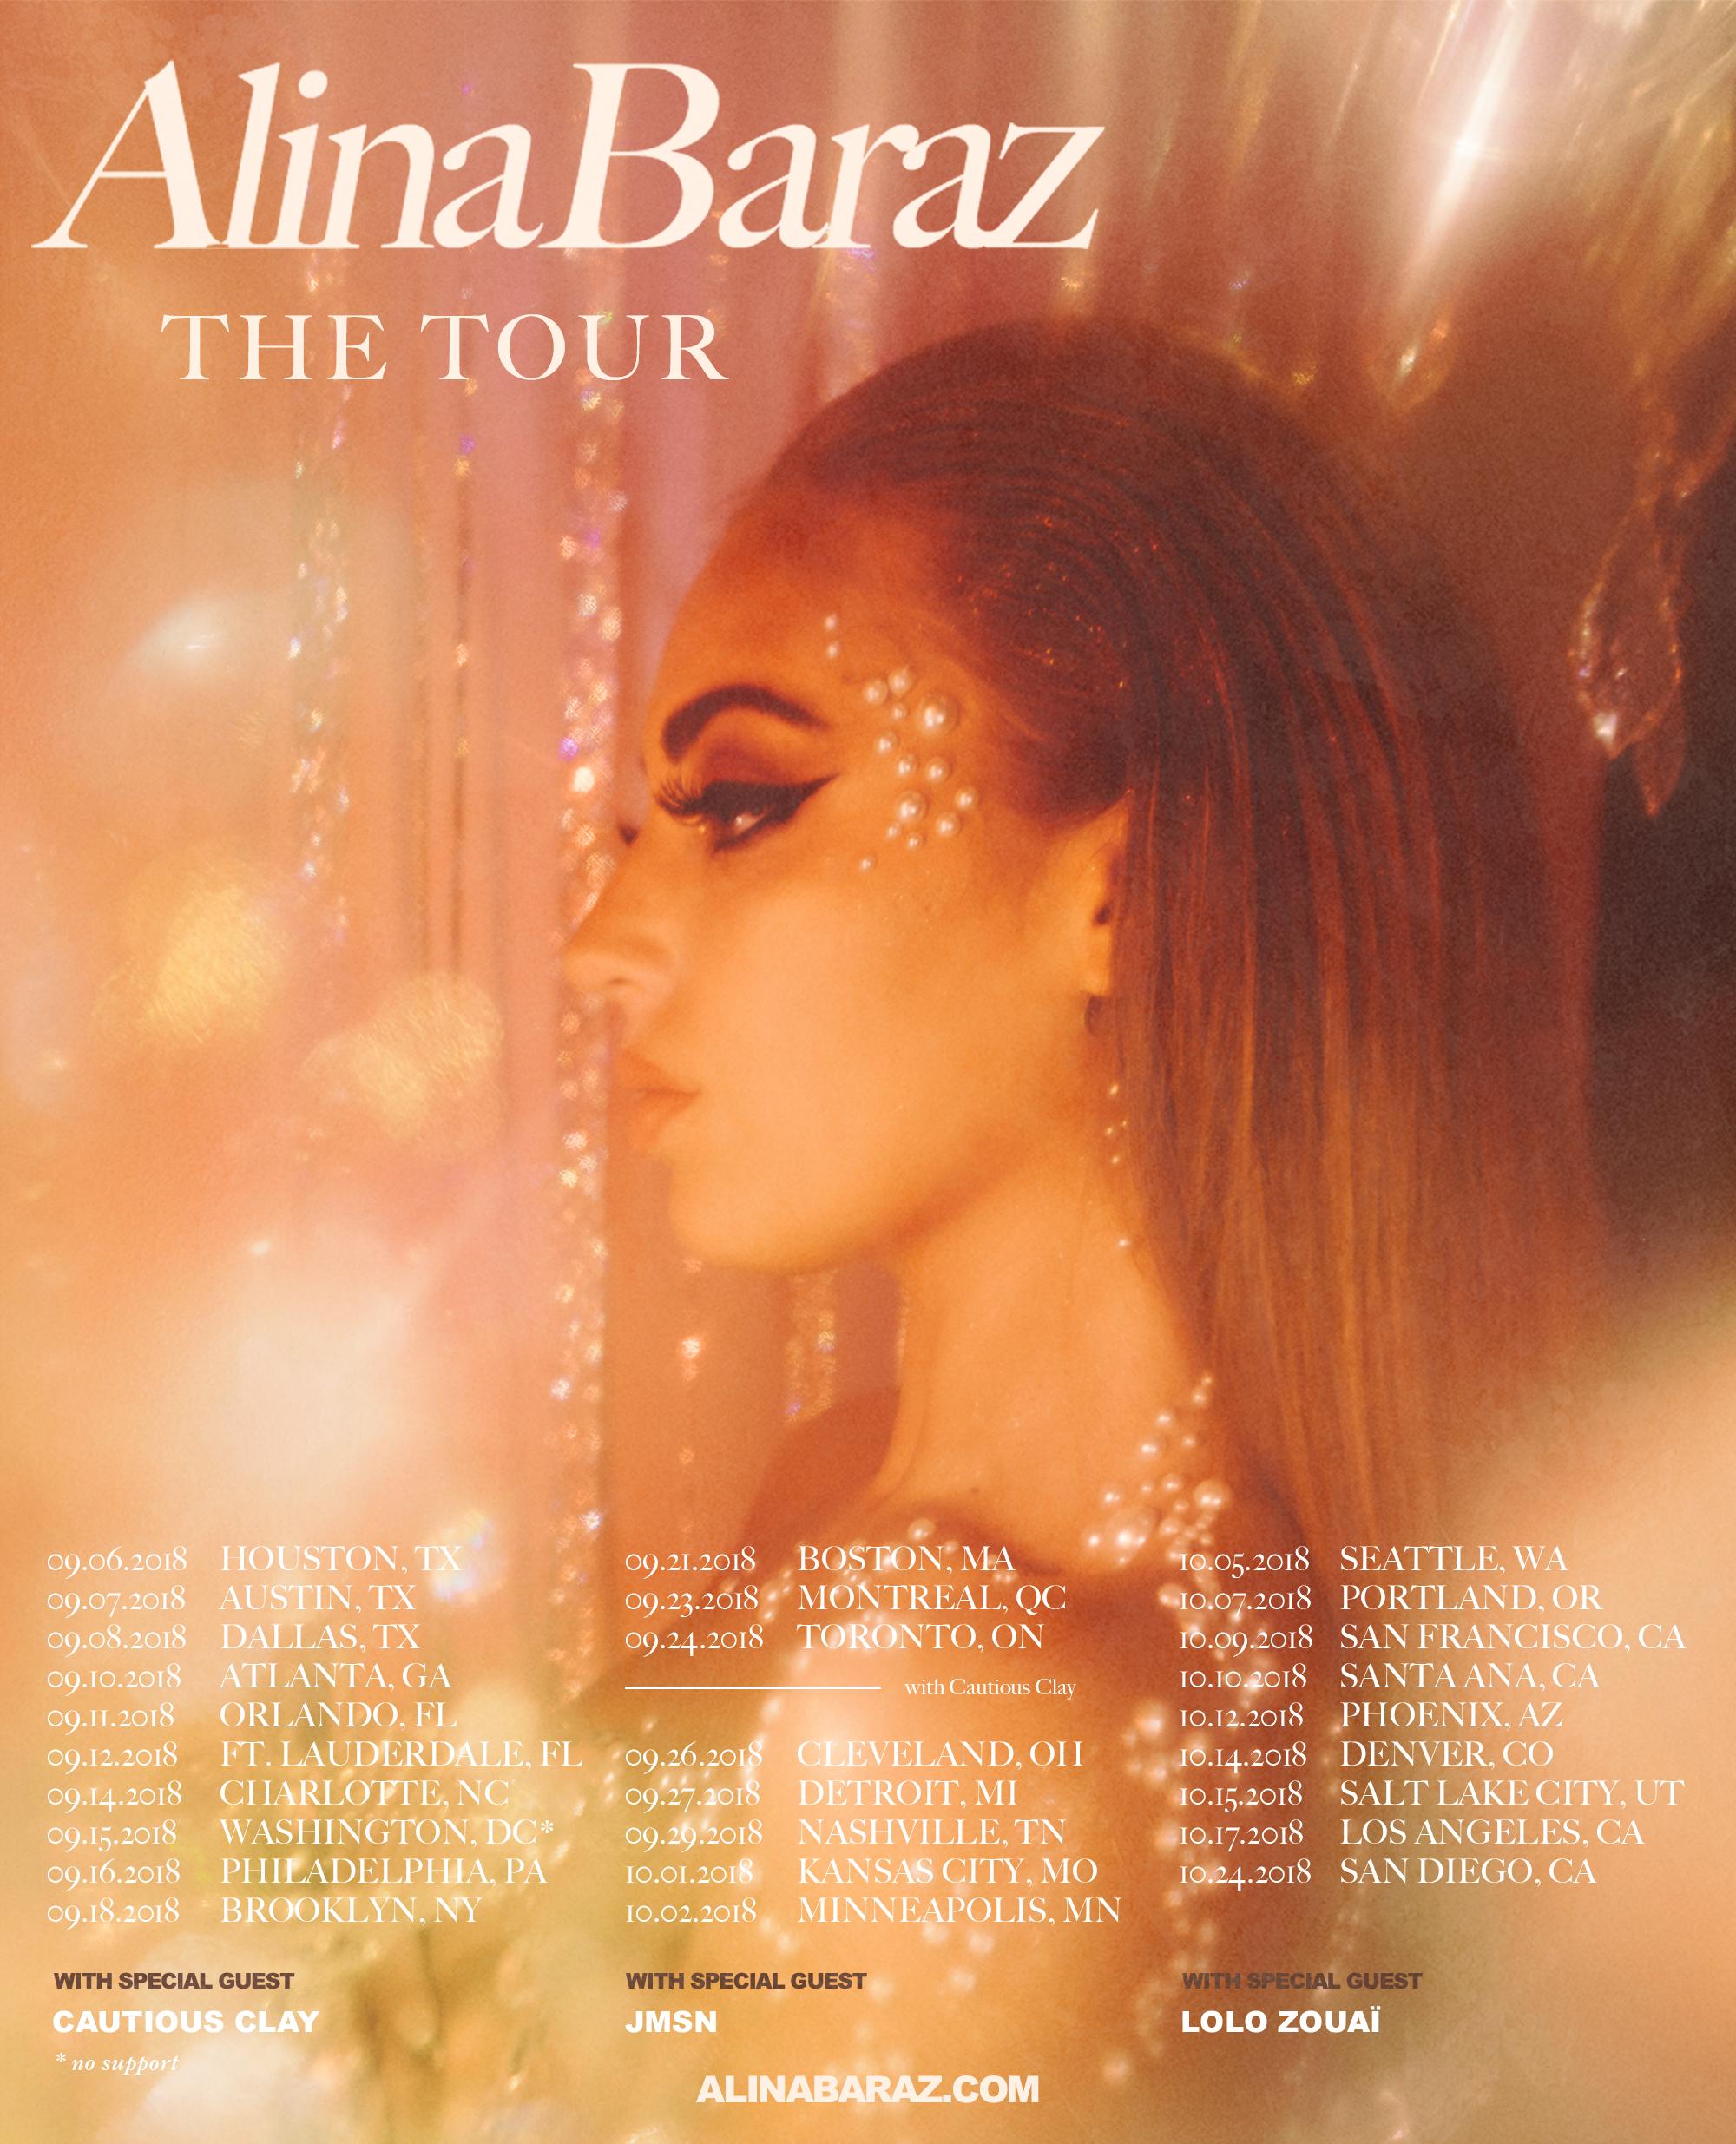 Alina Baraz The Tour Poster.jpg